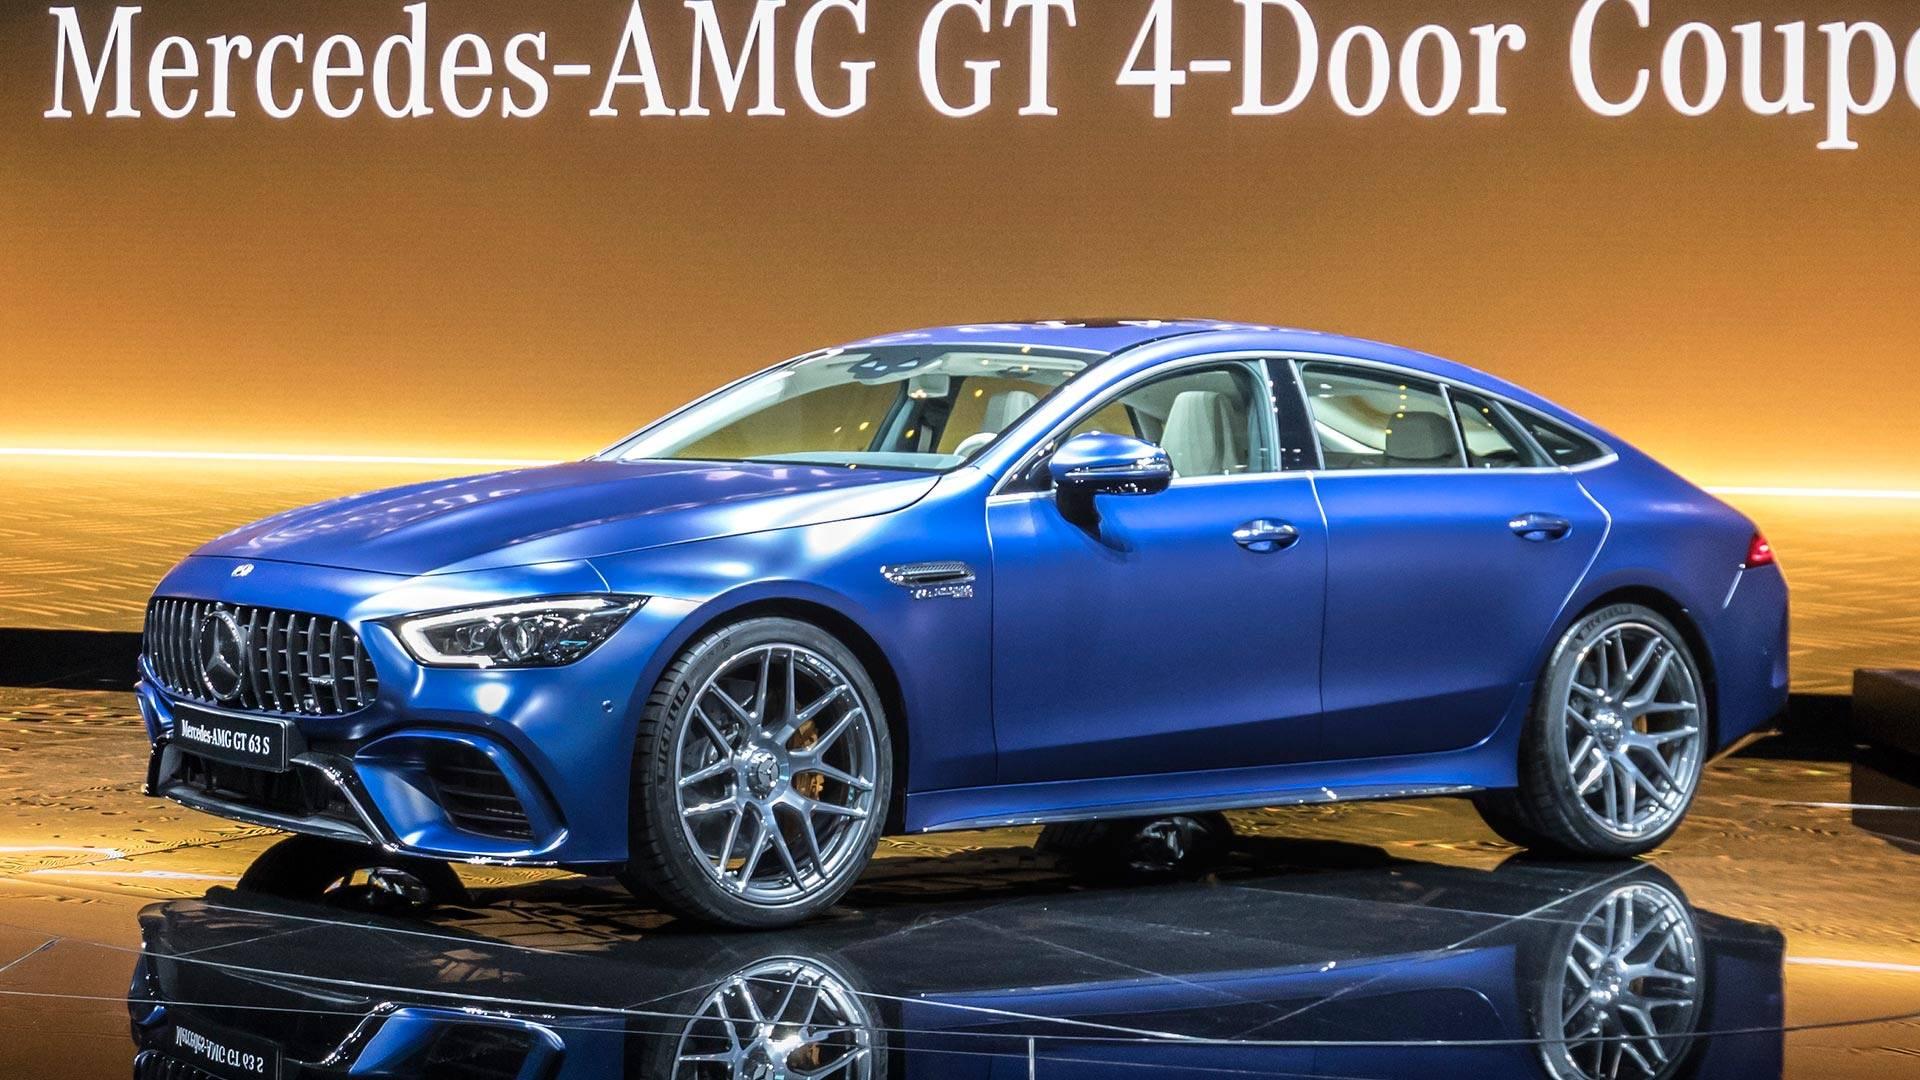 2019 mercedes amg gt 4 door coupe storms geneva with 630 hp